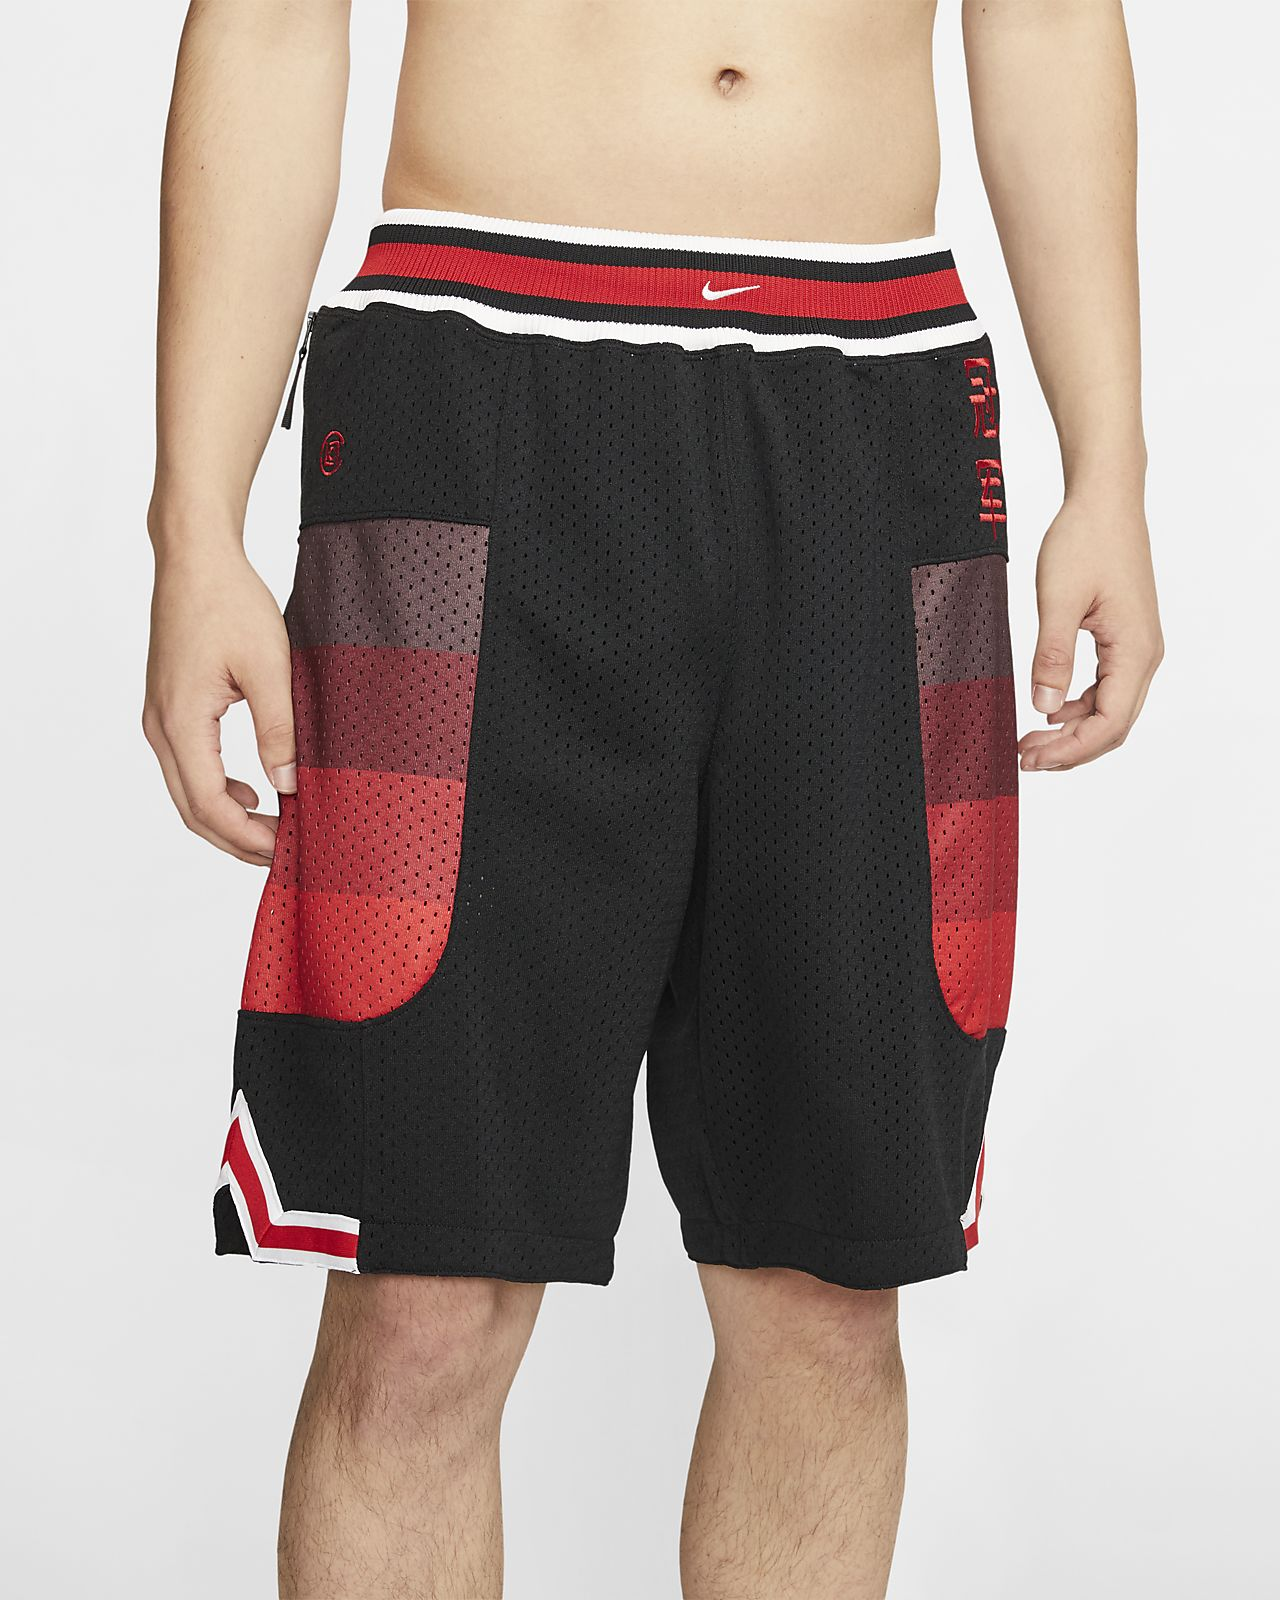 Nike x CLOT Men's Mesh Shorts